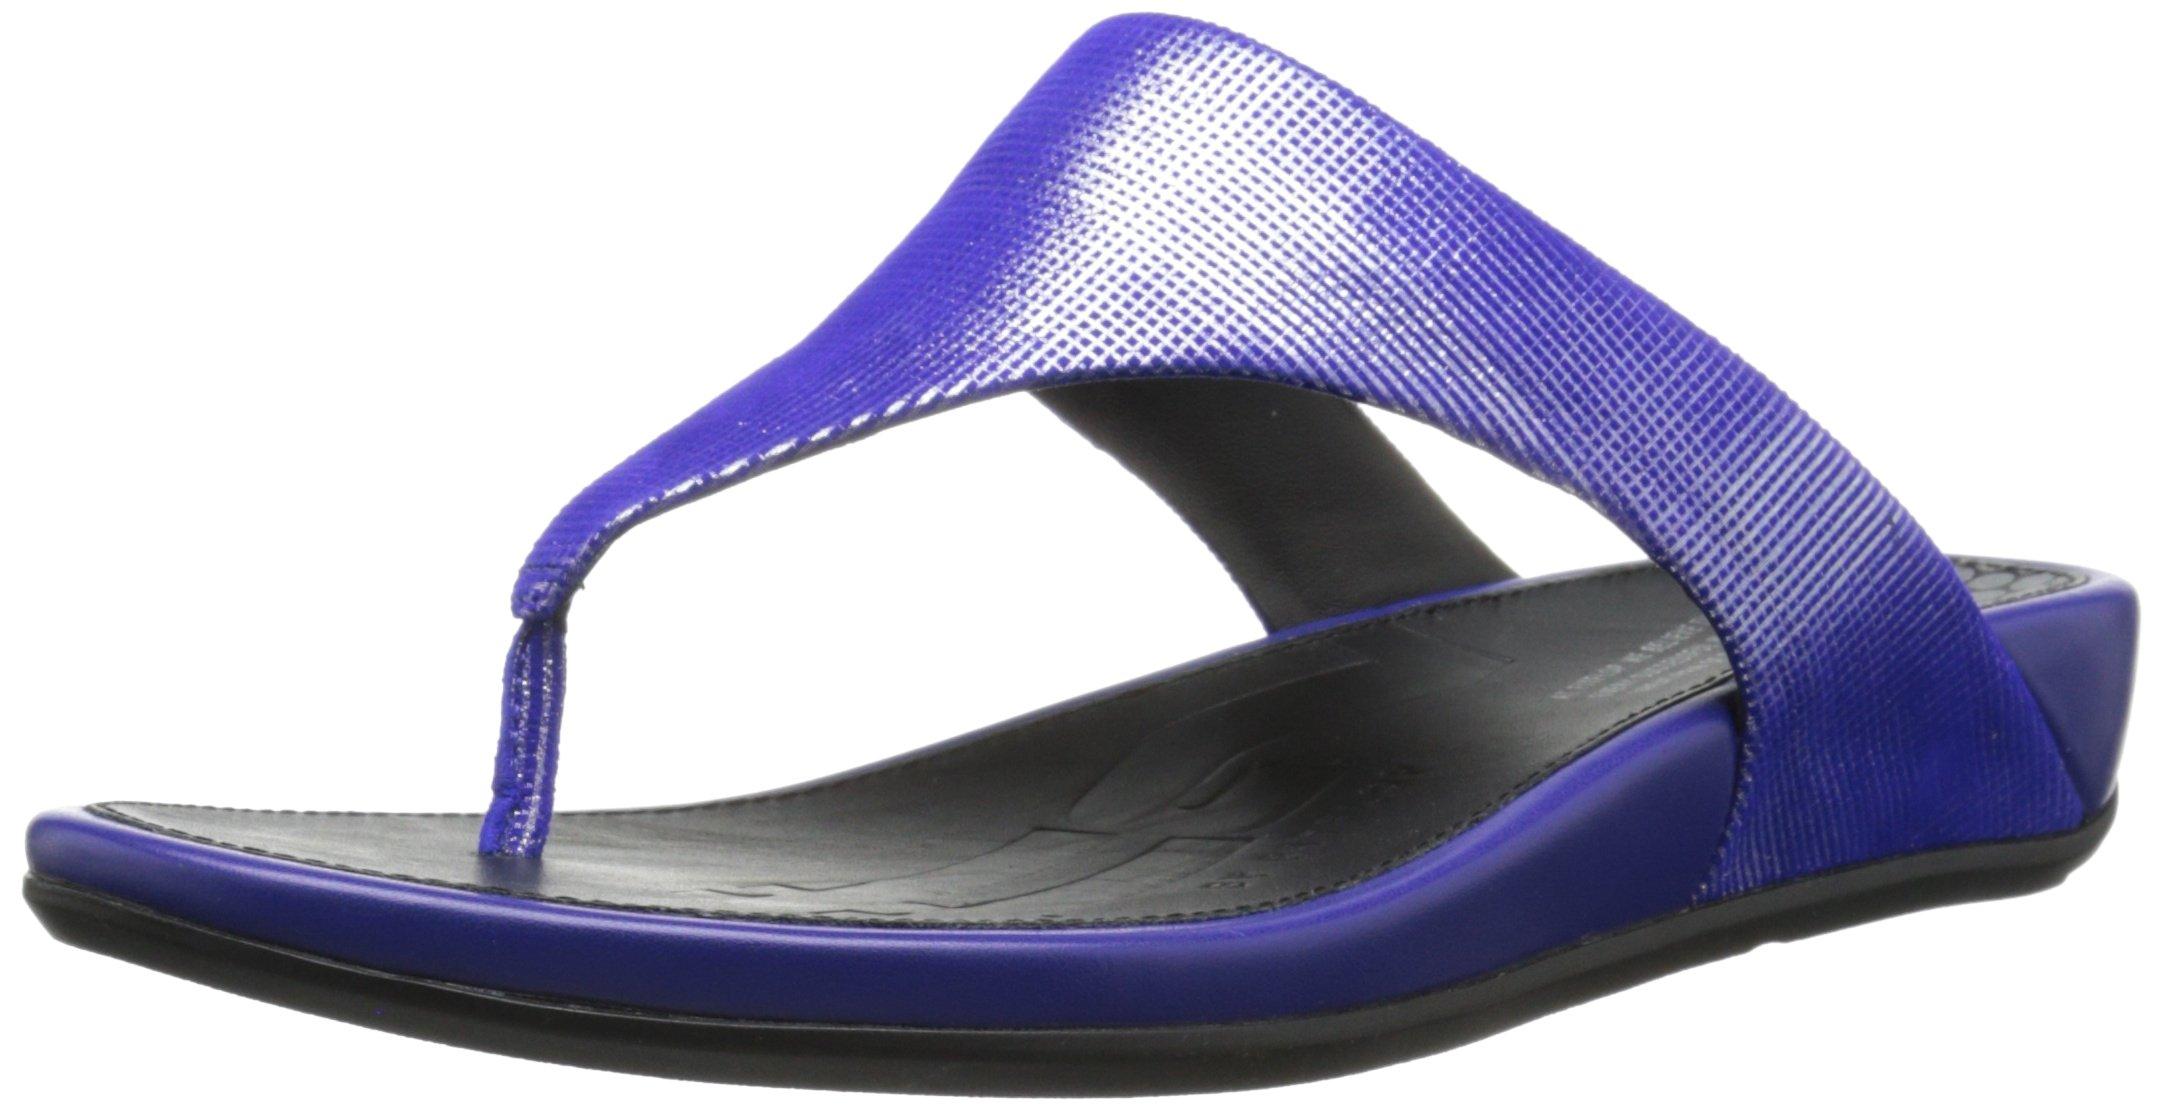 FitFlop Women's Banda Opul Flip Flop, Mazarin Blue, 7 M US by FitFlop (Image #1)